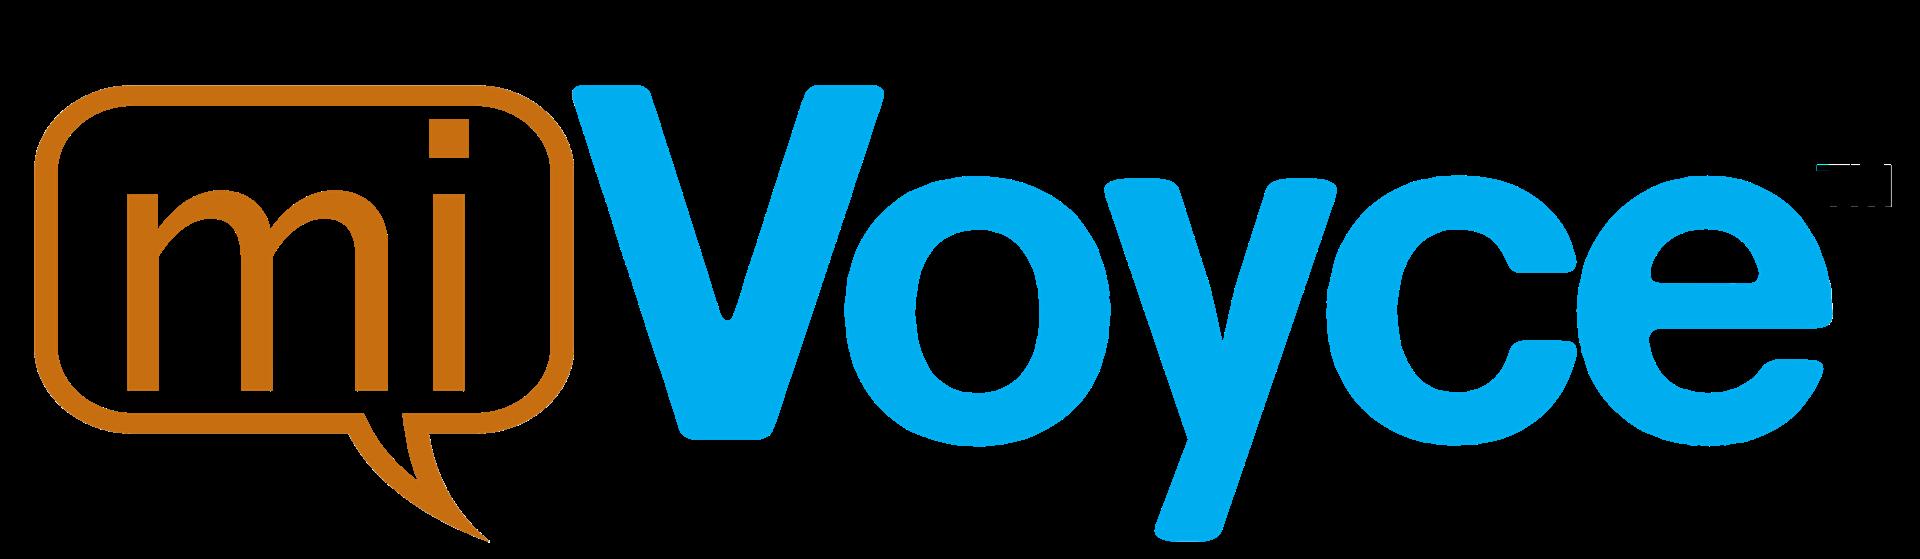 miVoyce 1-Year Membership, Hobby, Educational & Fun Software, Educational Software Screenshot